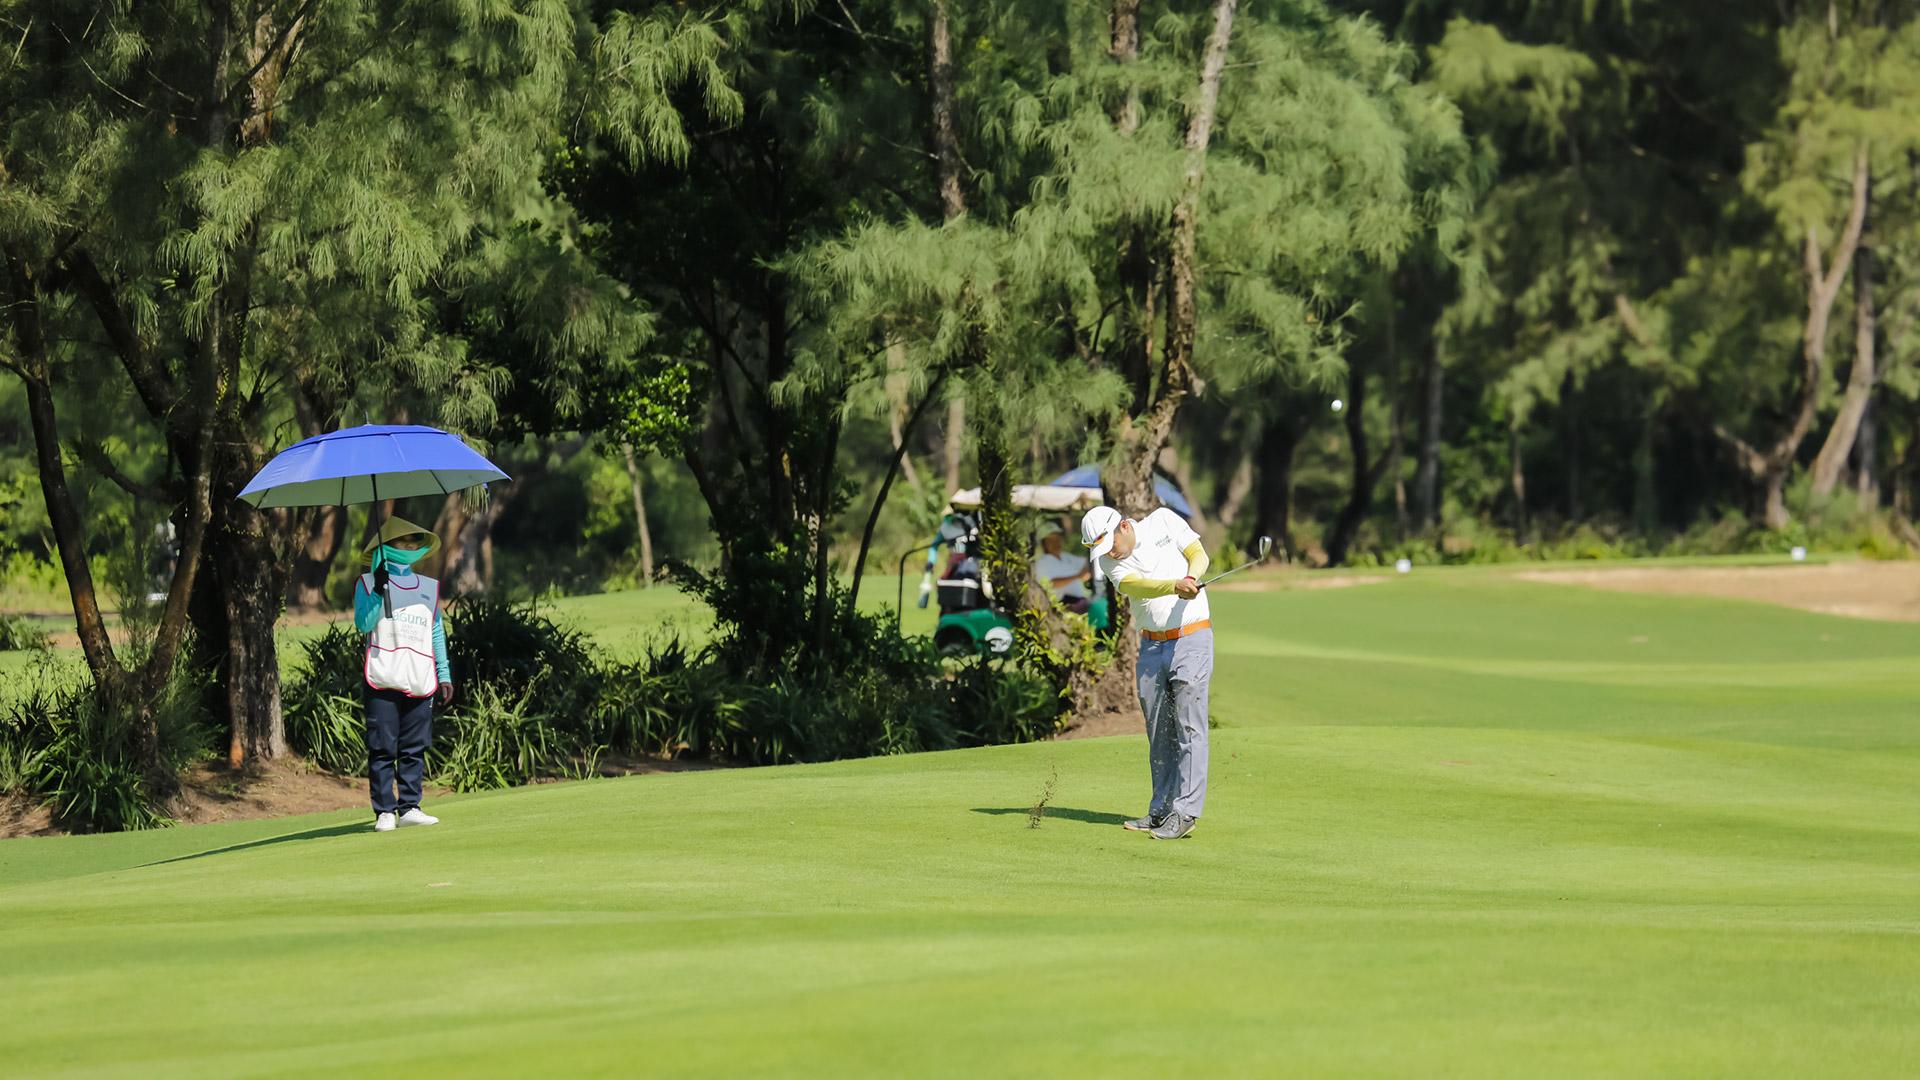 Một gôn thủ đang tranh tài tại giải golf Swing for the Heart 2018 diễn ra tại Laguna Golf Lăng Cô